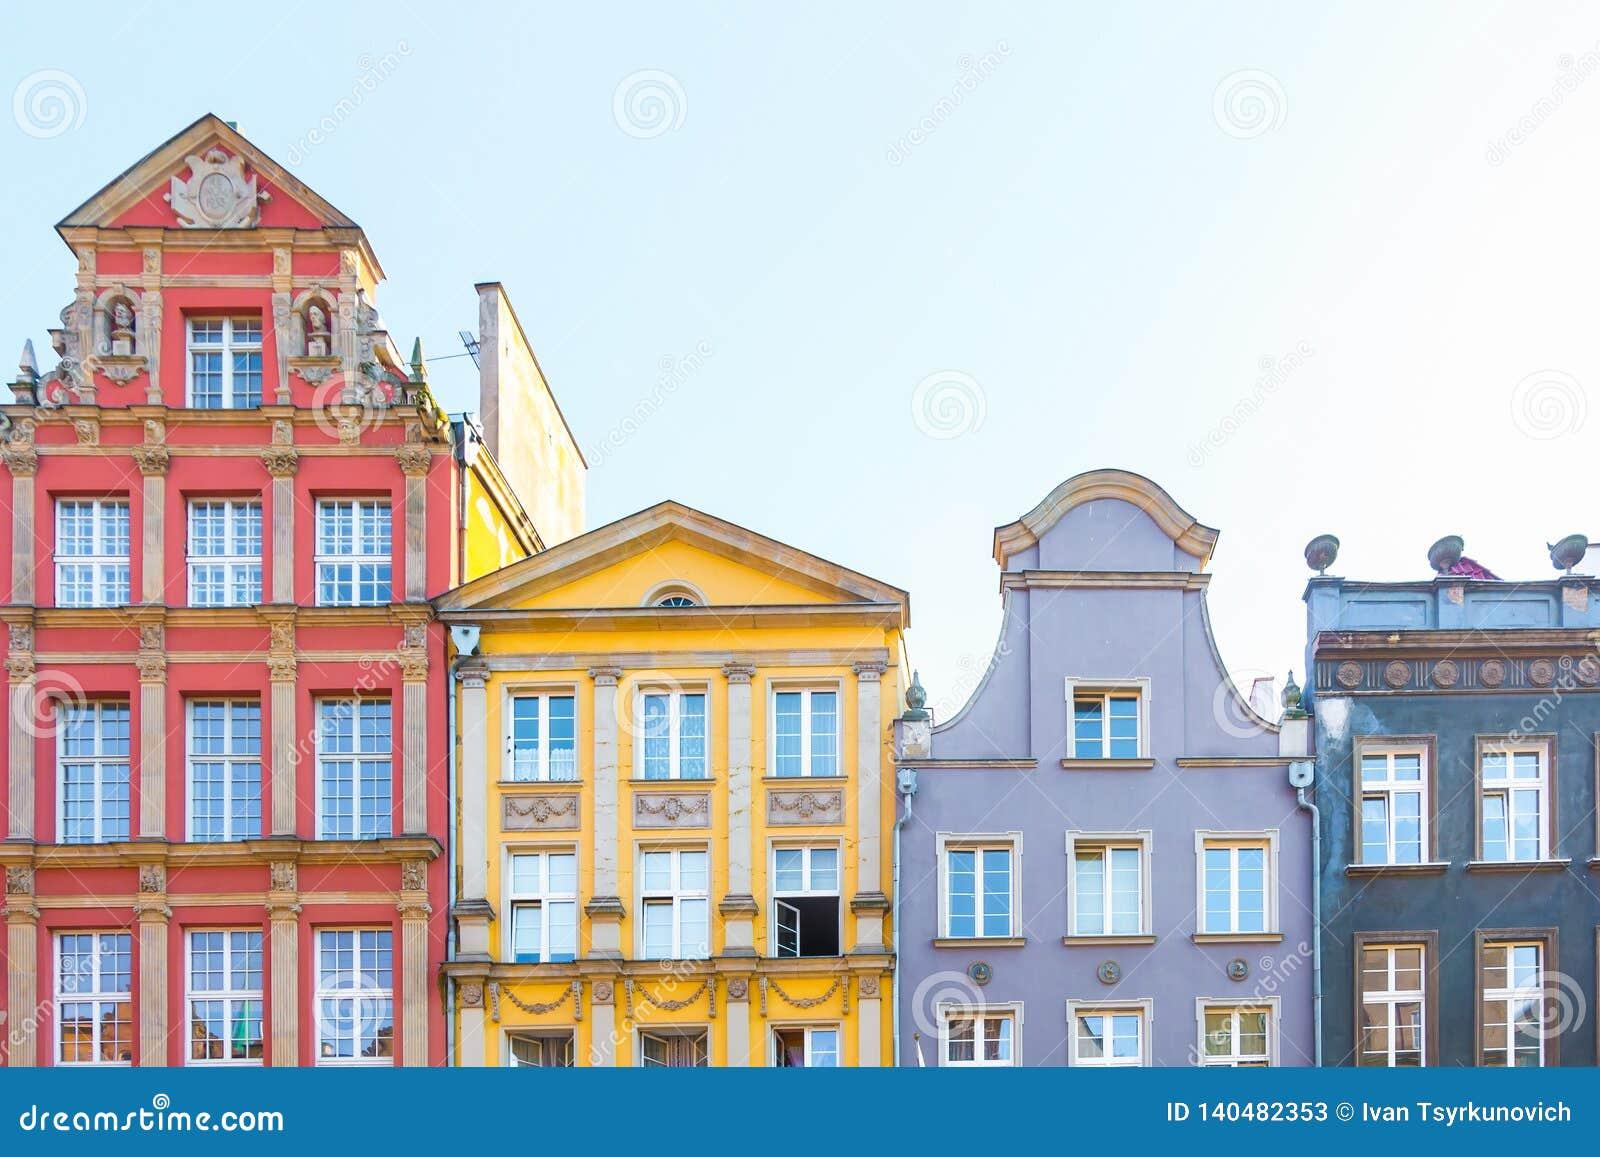 GDANSK, POLEN - AUGUST 2018: Lang Market Street, typische bunte dekorative mittelalterliche alte Häuser, königliche Weg-Architekt